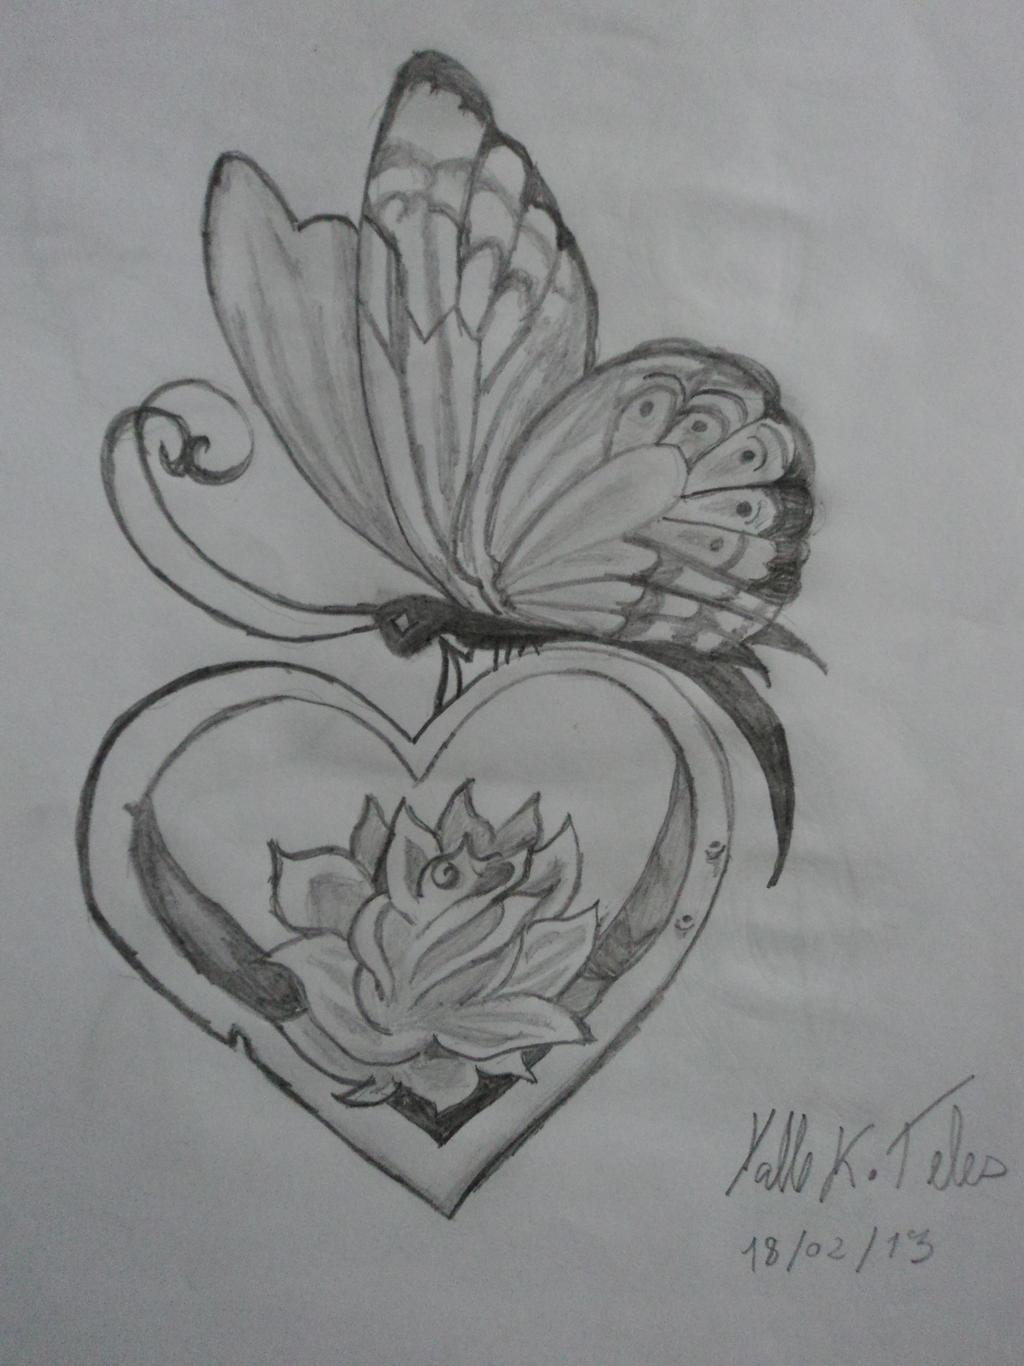 butterfly heart flower by yalle23 on DeviantArt